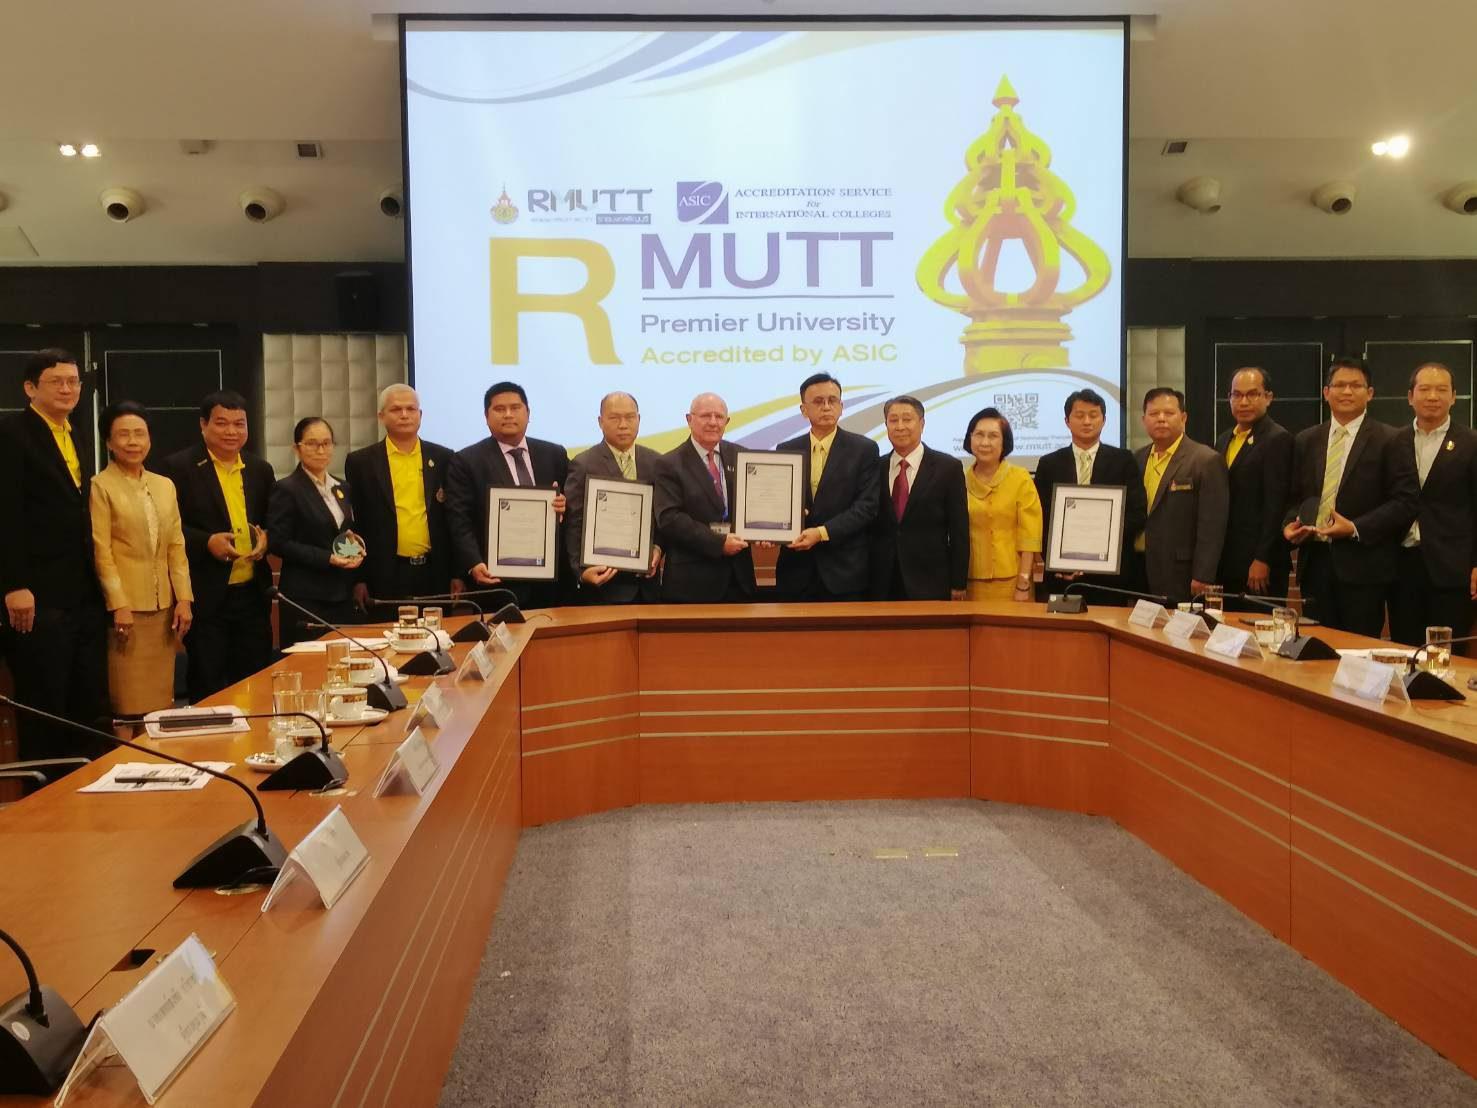 มทร.ธัญบุรี ปลื้ม คว้า 3 รางวัล มาตรฐาน ASIC เตรียมรับประเมิน QS Star คาด 3 ปี คว้า 5 ดาว